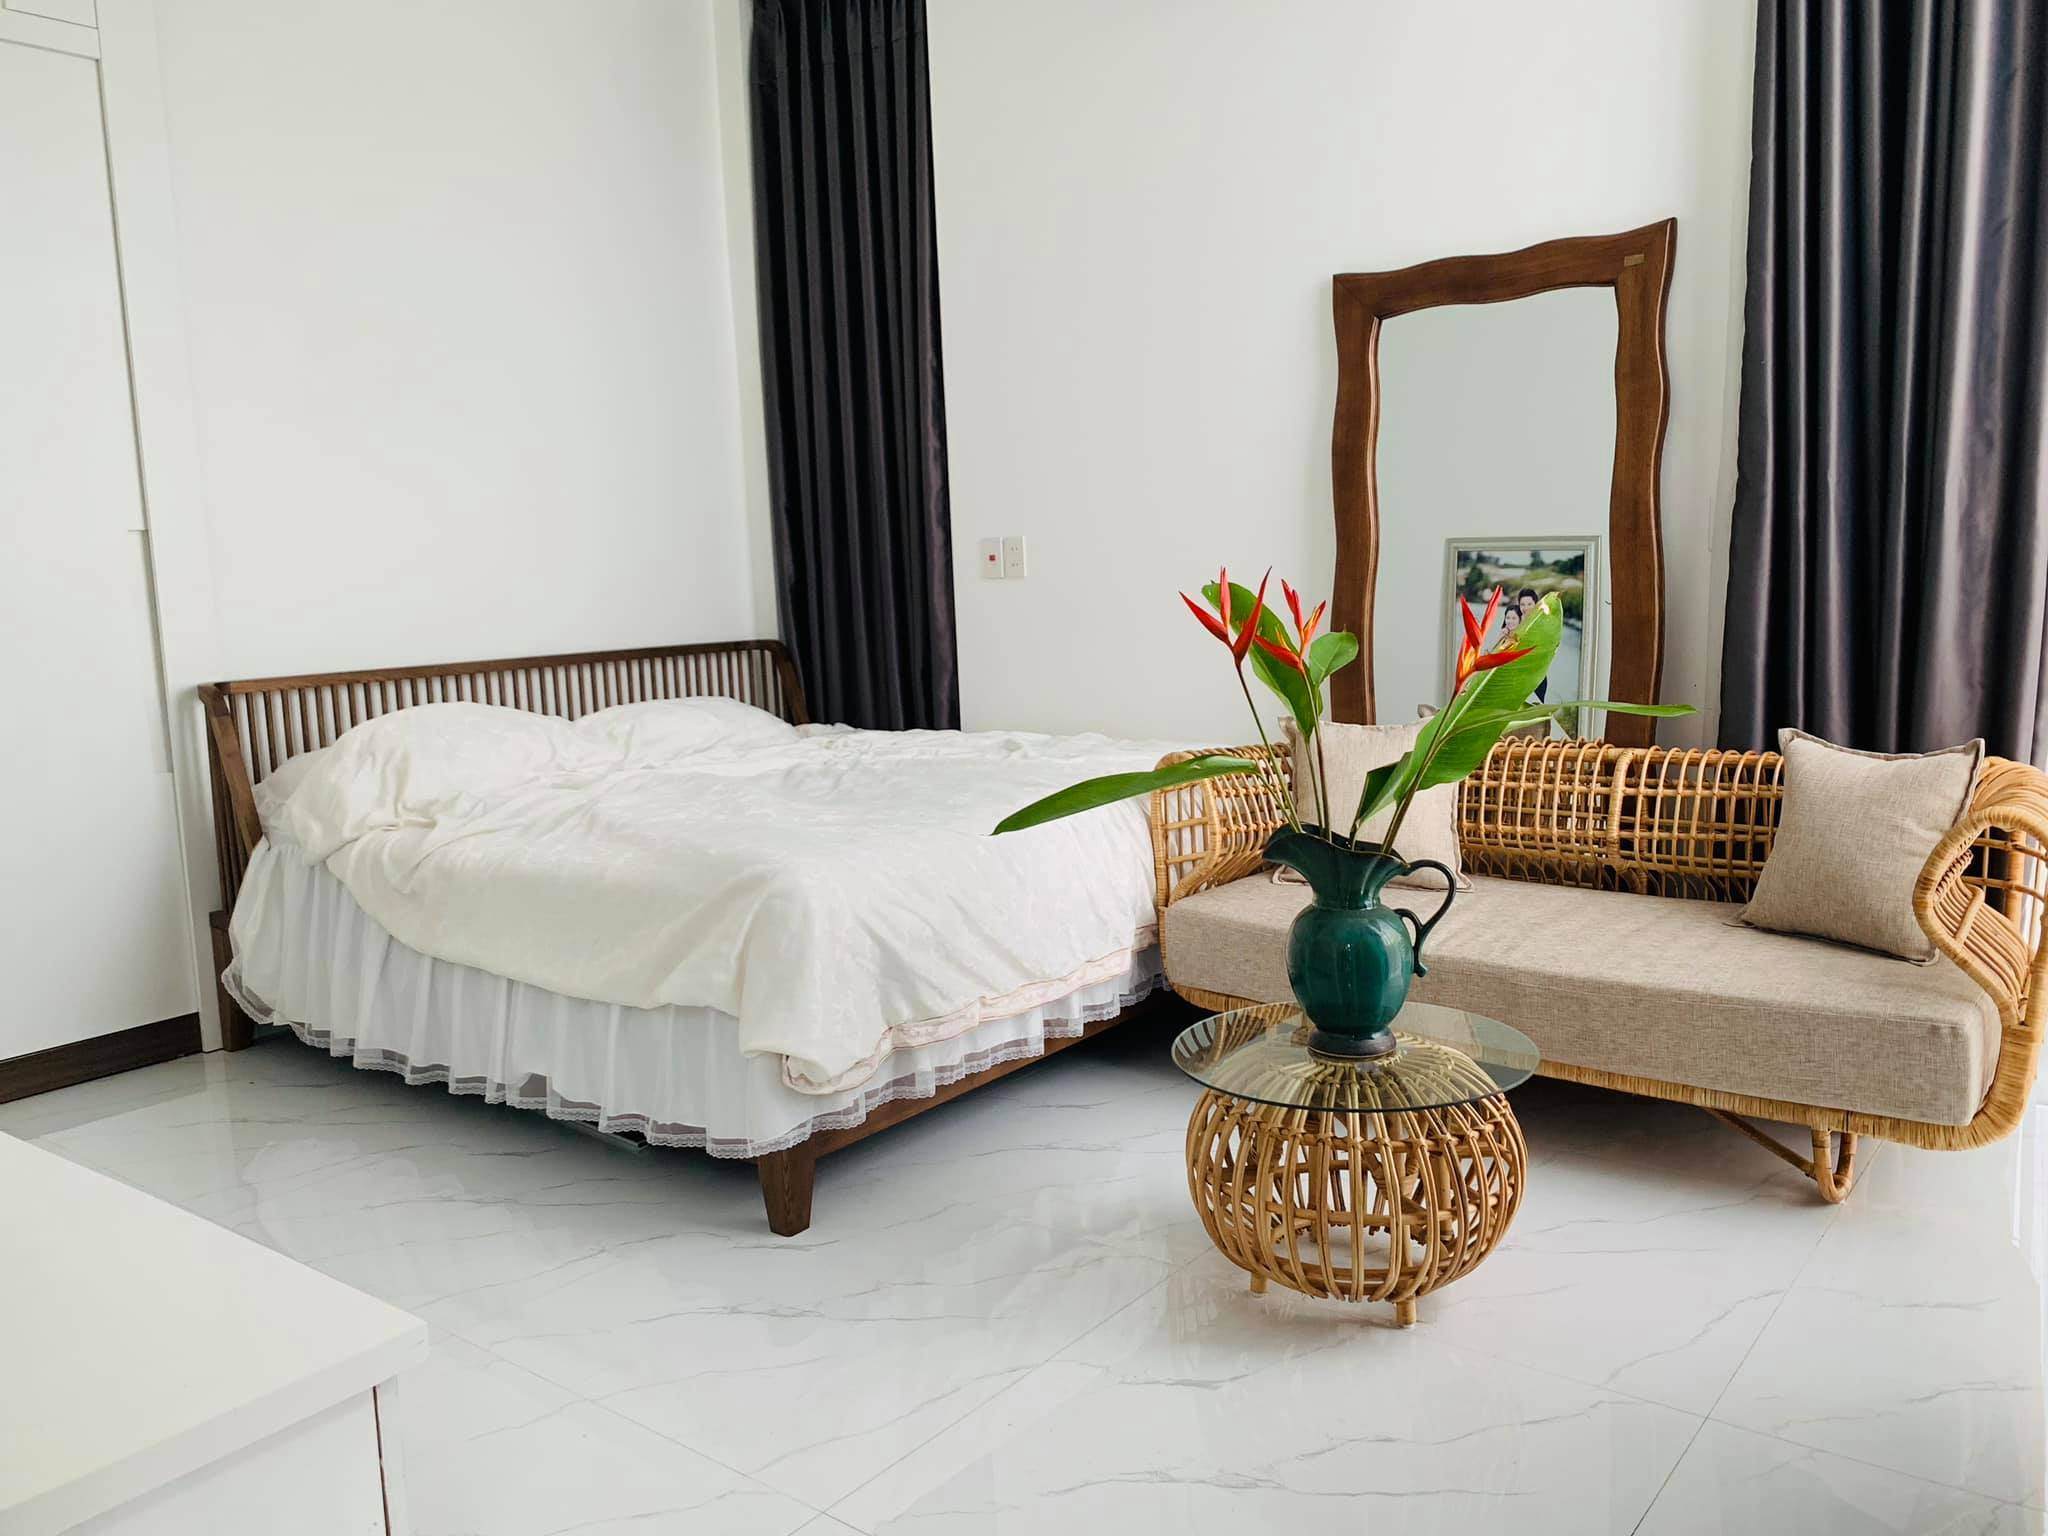 Phòng tắm lộ thiên, mái là giàn cây leo xanh mát trong ngôi nhà hộp 1 tầng